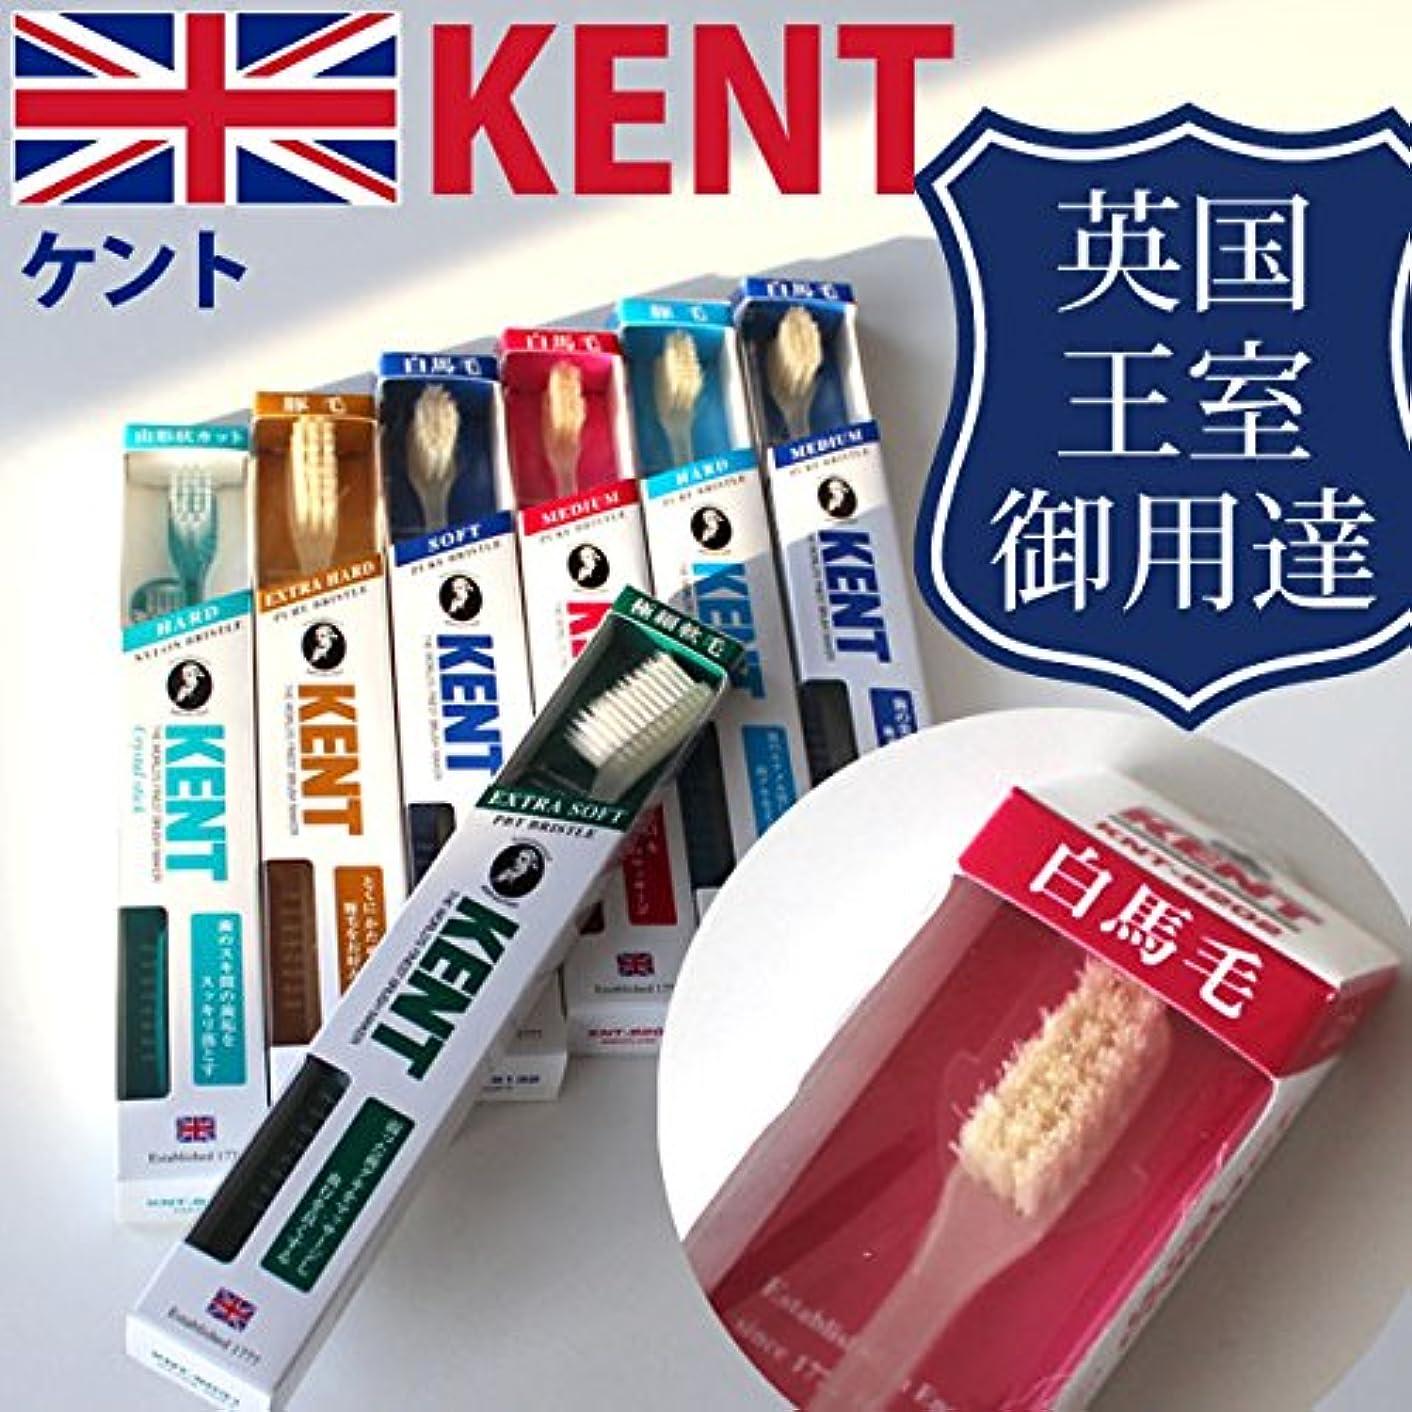 請願者インストラクターに向けて出発ケント KENT 白馬毛 超コンパクト歯ブラシ KNT-9102/9202 6本入り 他のコンパクトヘッドに比べて歯 やわらかめ